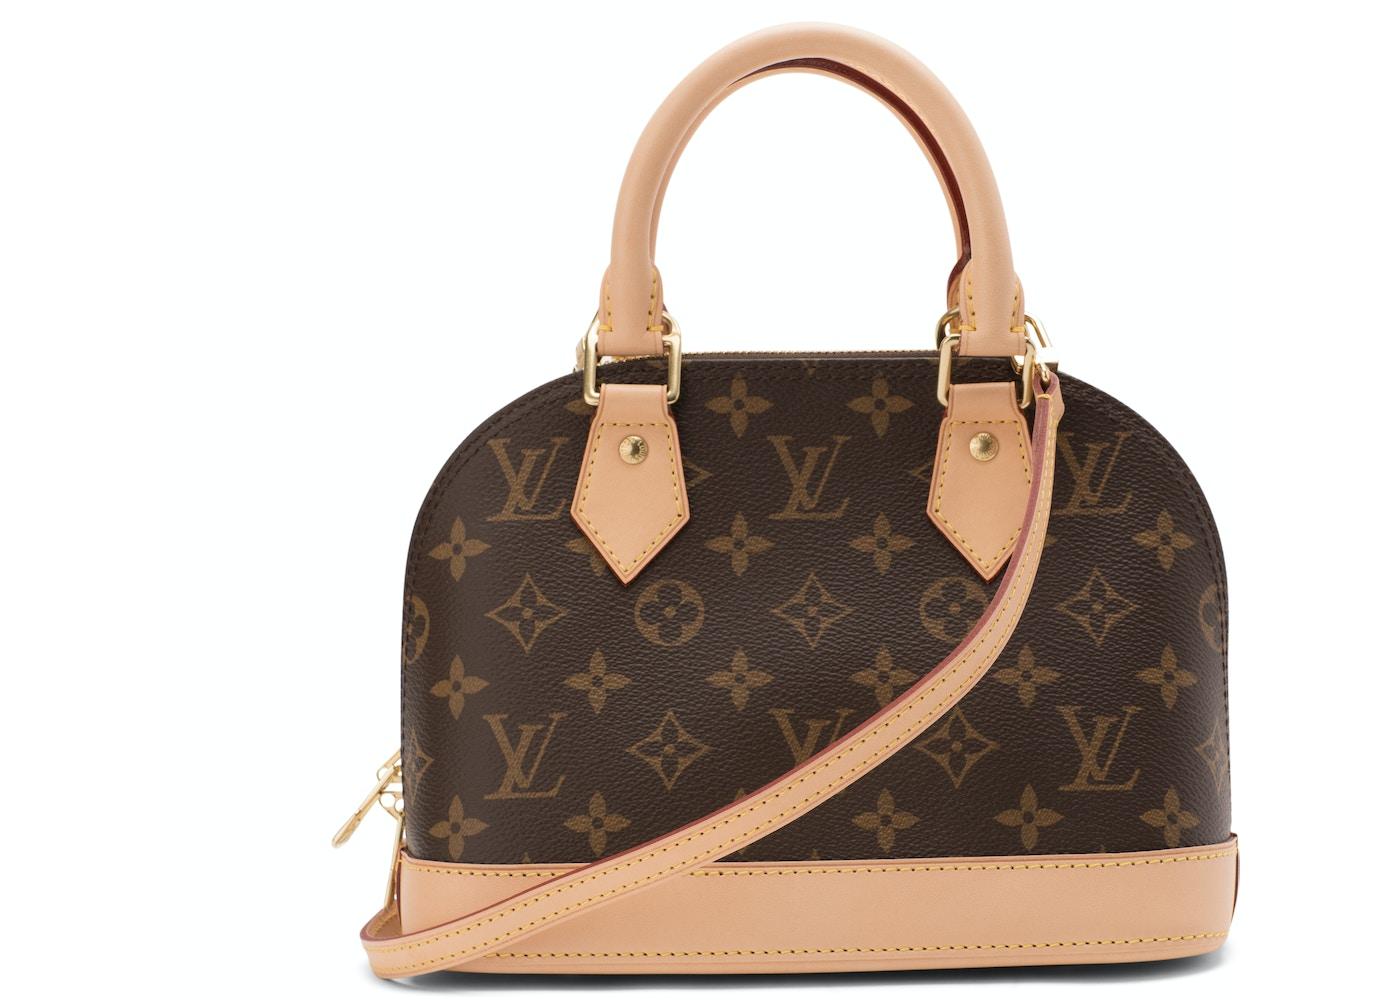 67321dba8971 Louis Vuitton Alma Monogram BB Brown. Monogram BB Brown